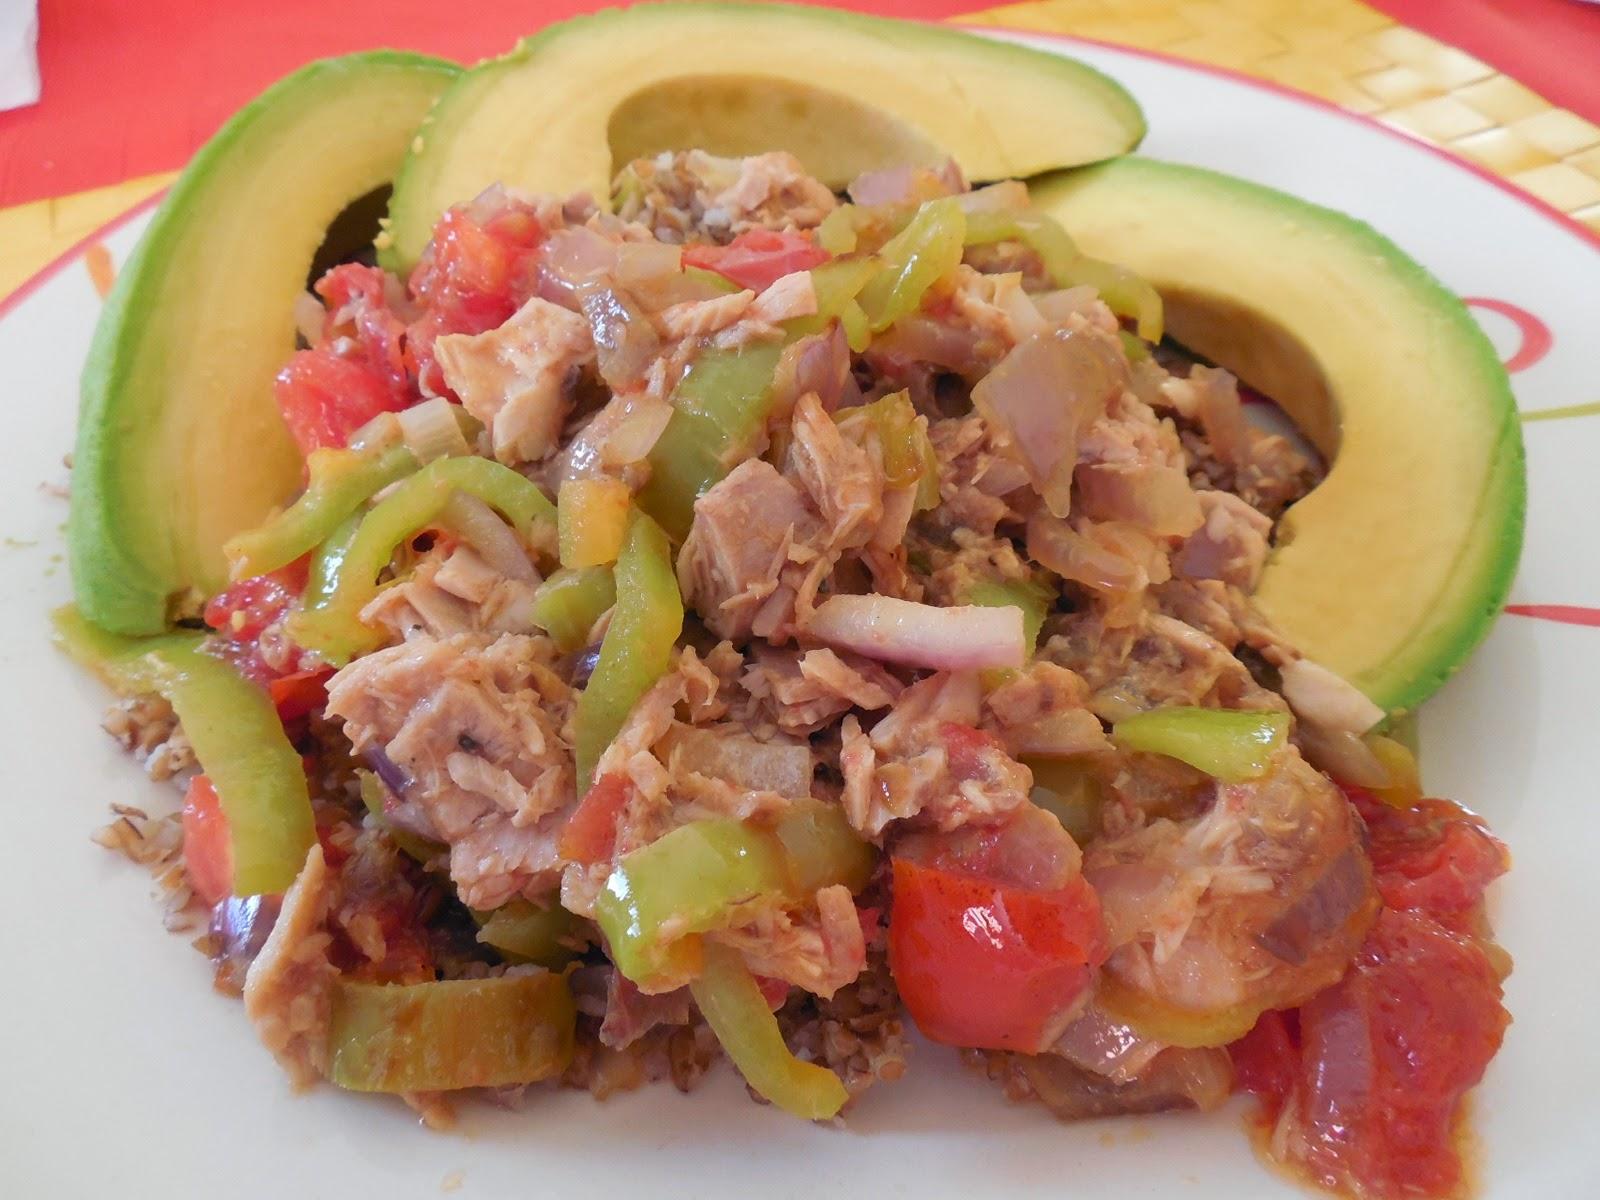 Cocina casera rep blica dominicana trigo y tuna for Cocinar trigo